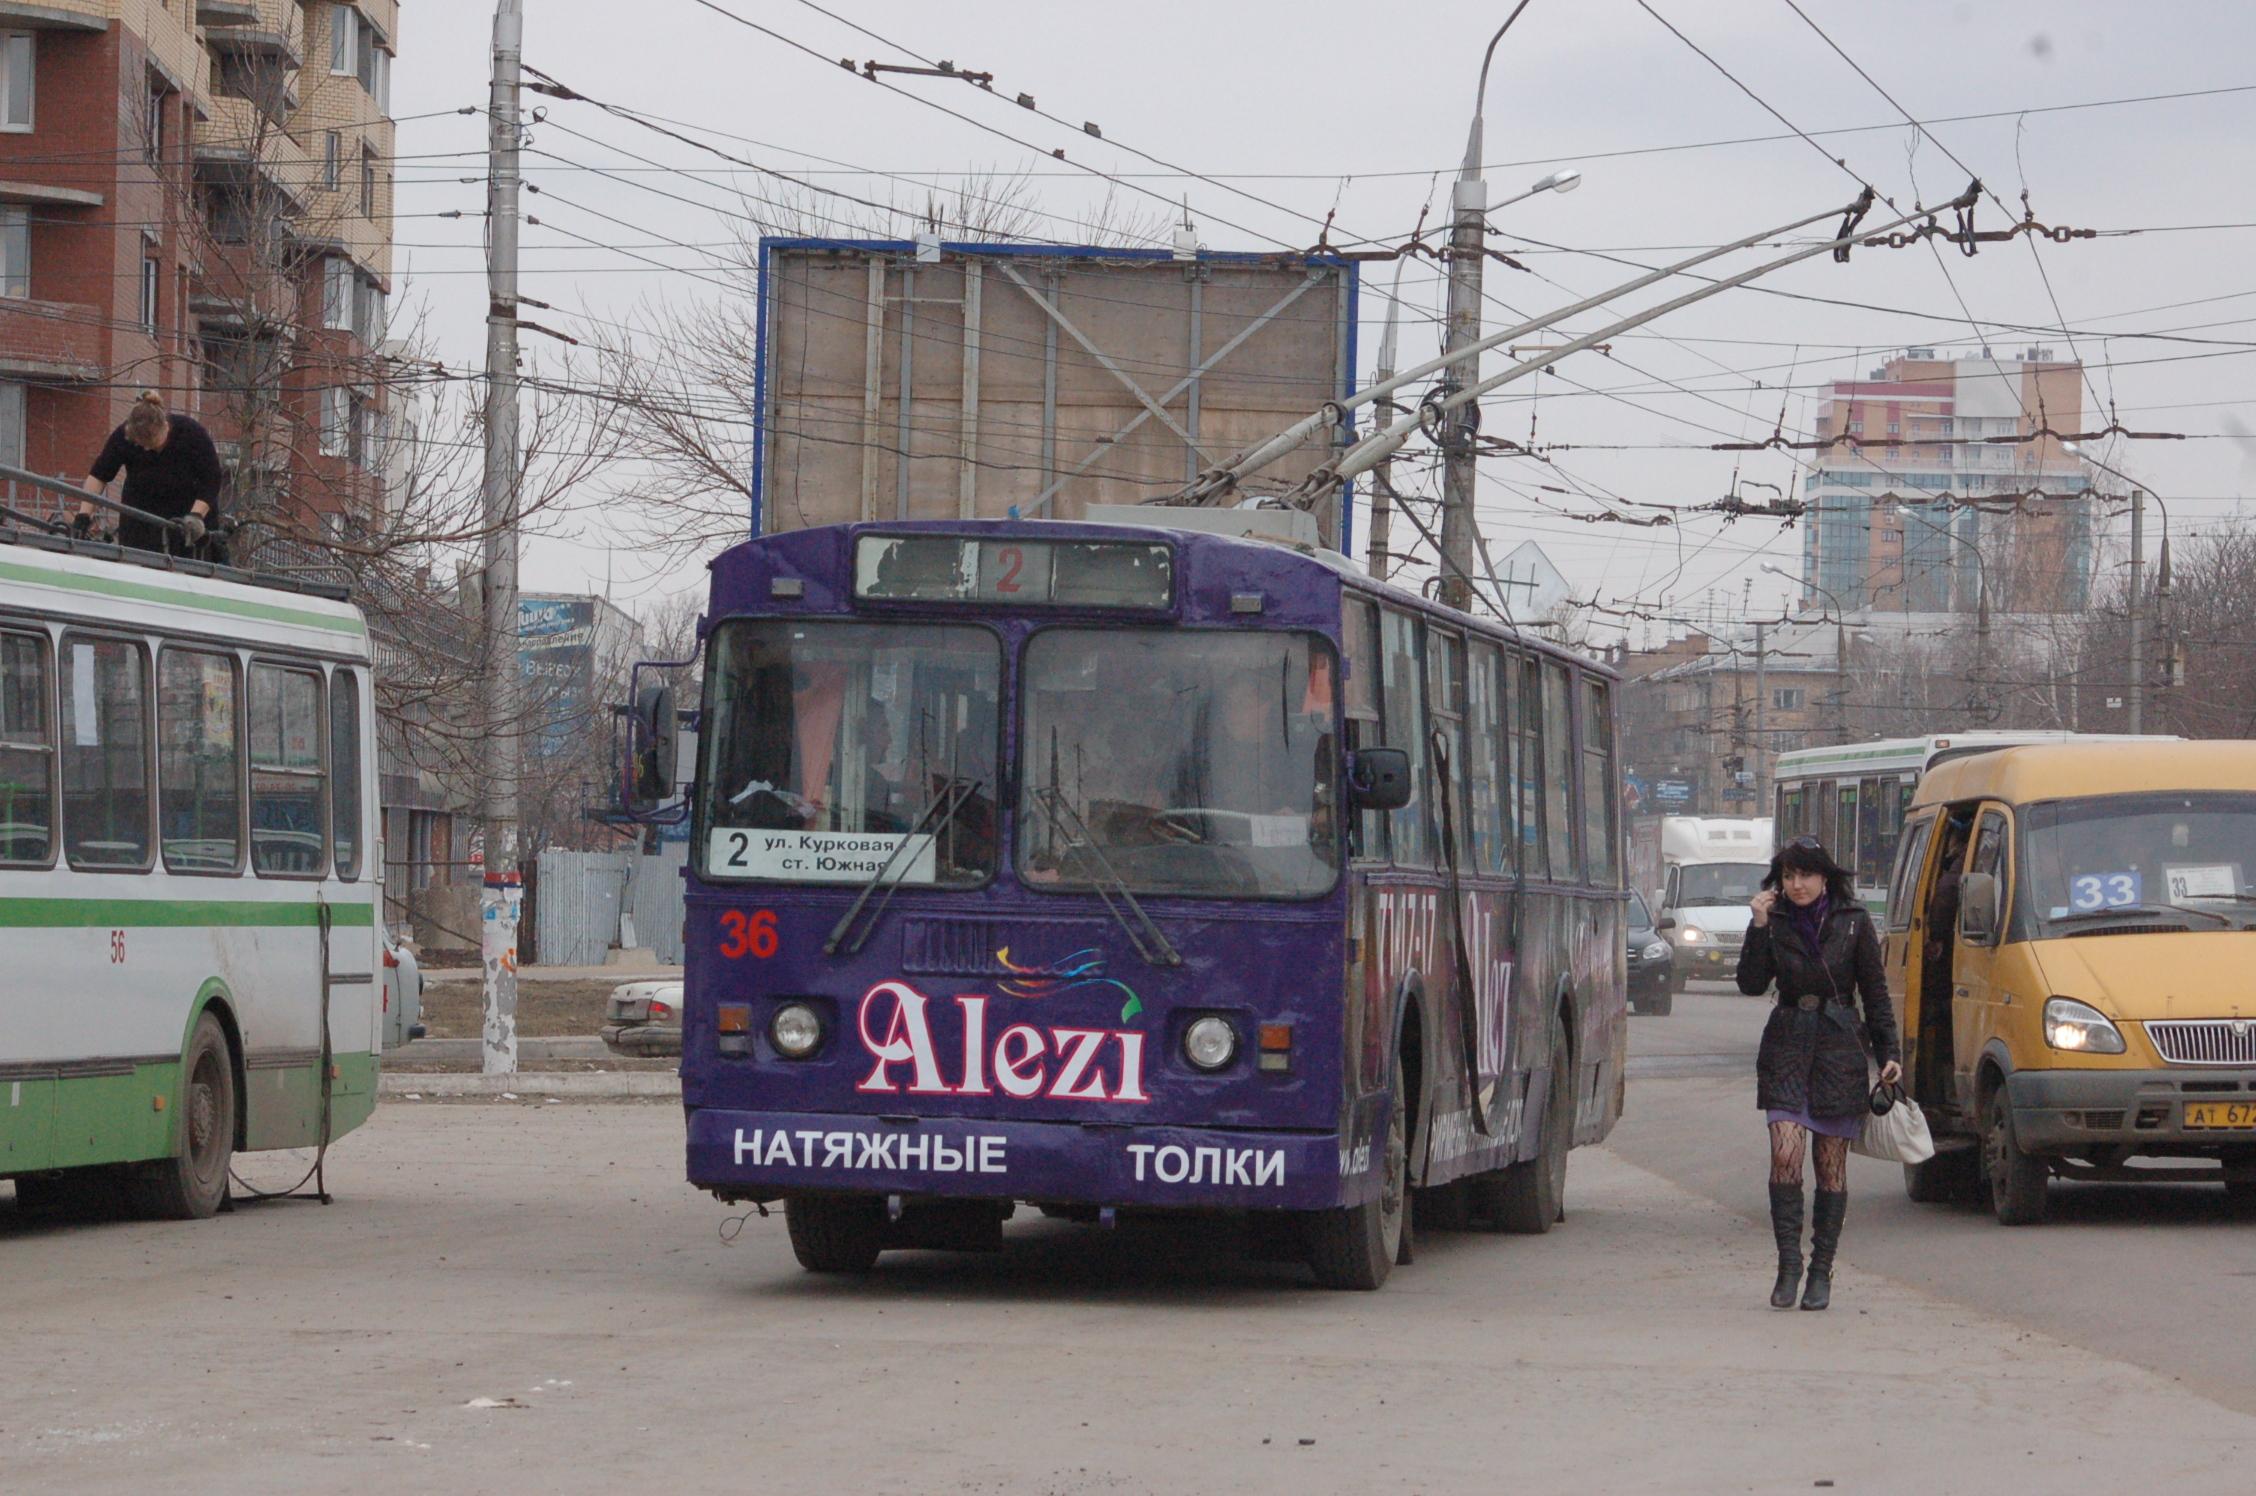 Верховный судРФ вернул права тульскому шоферу троллейбуса